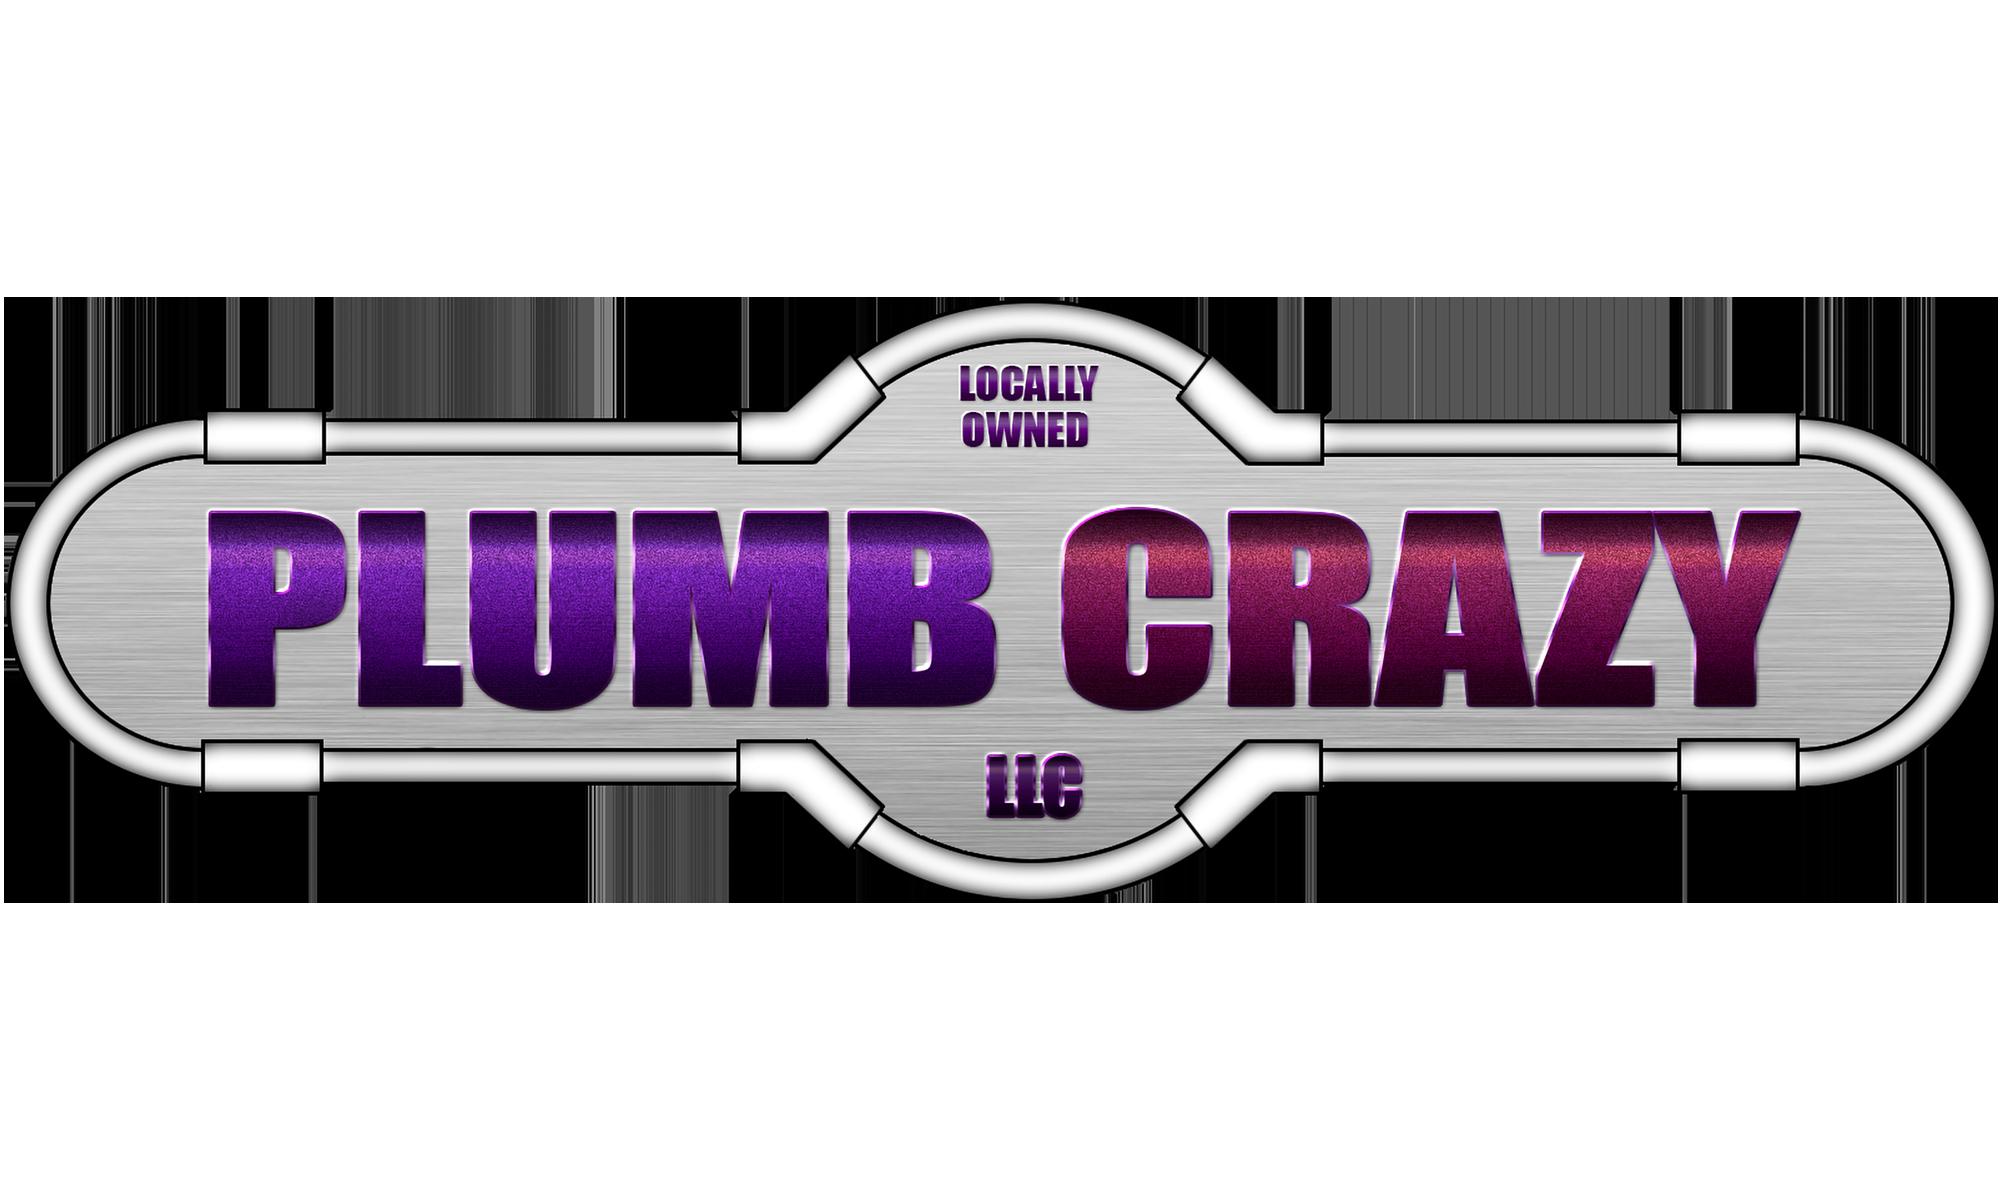 Plumb Crazy, LLC